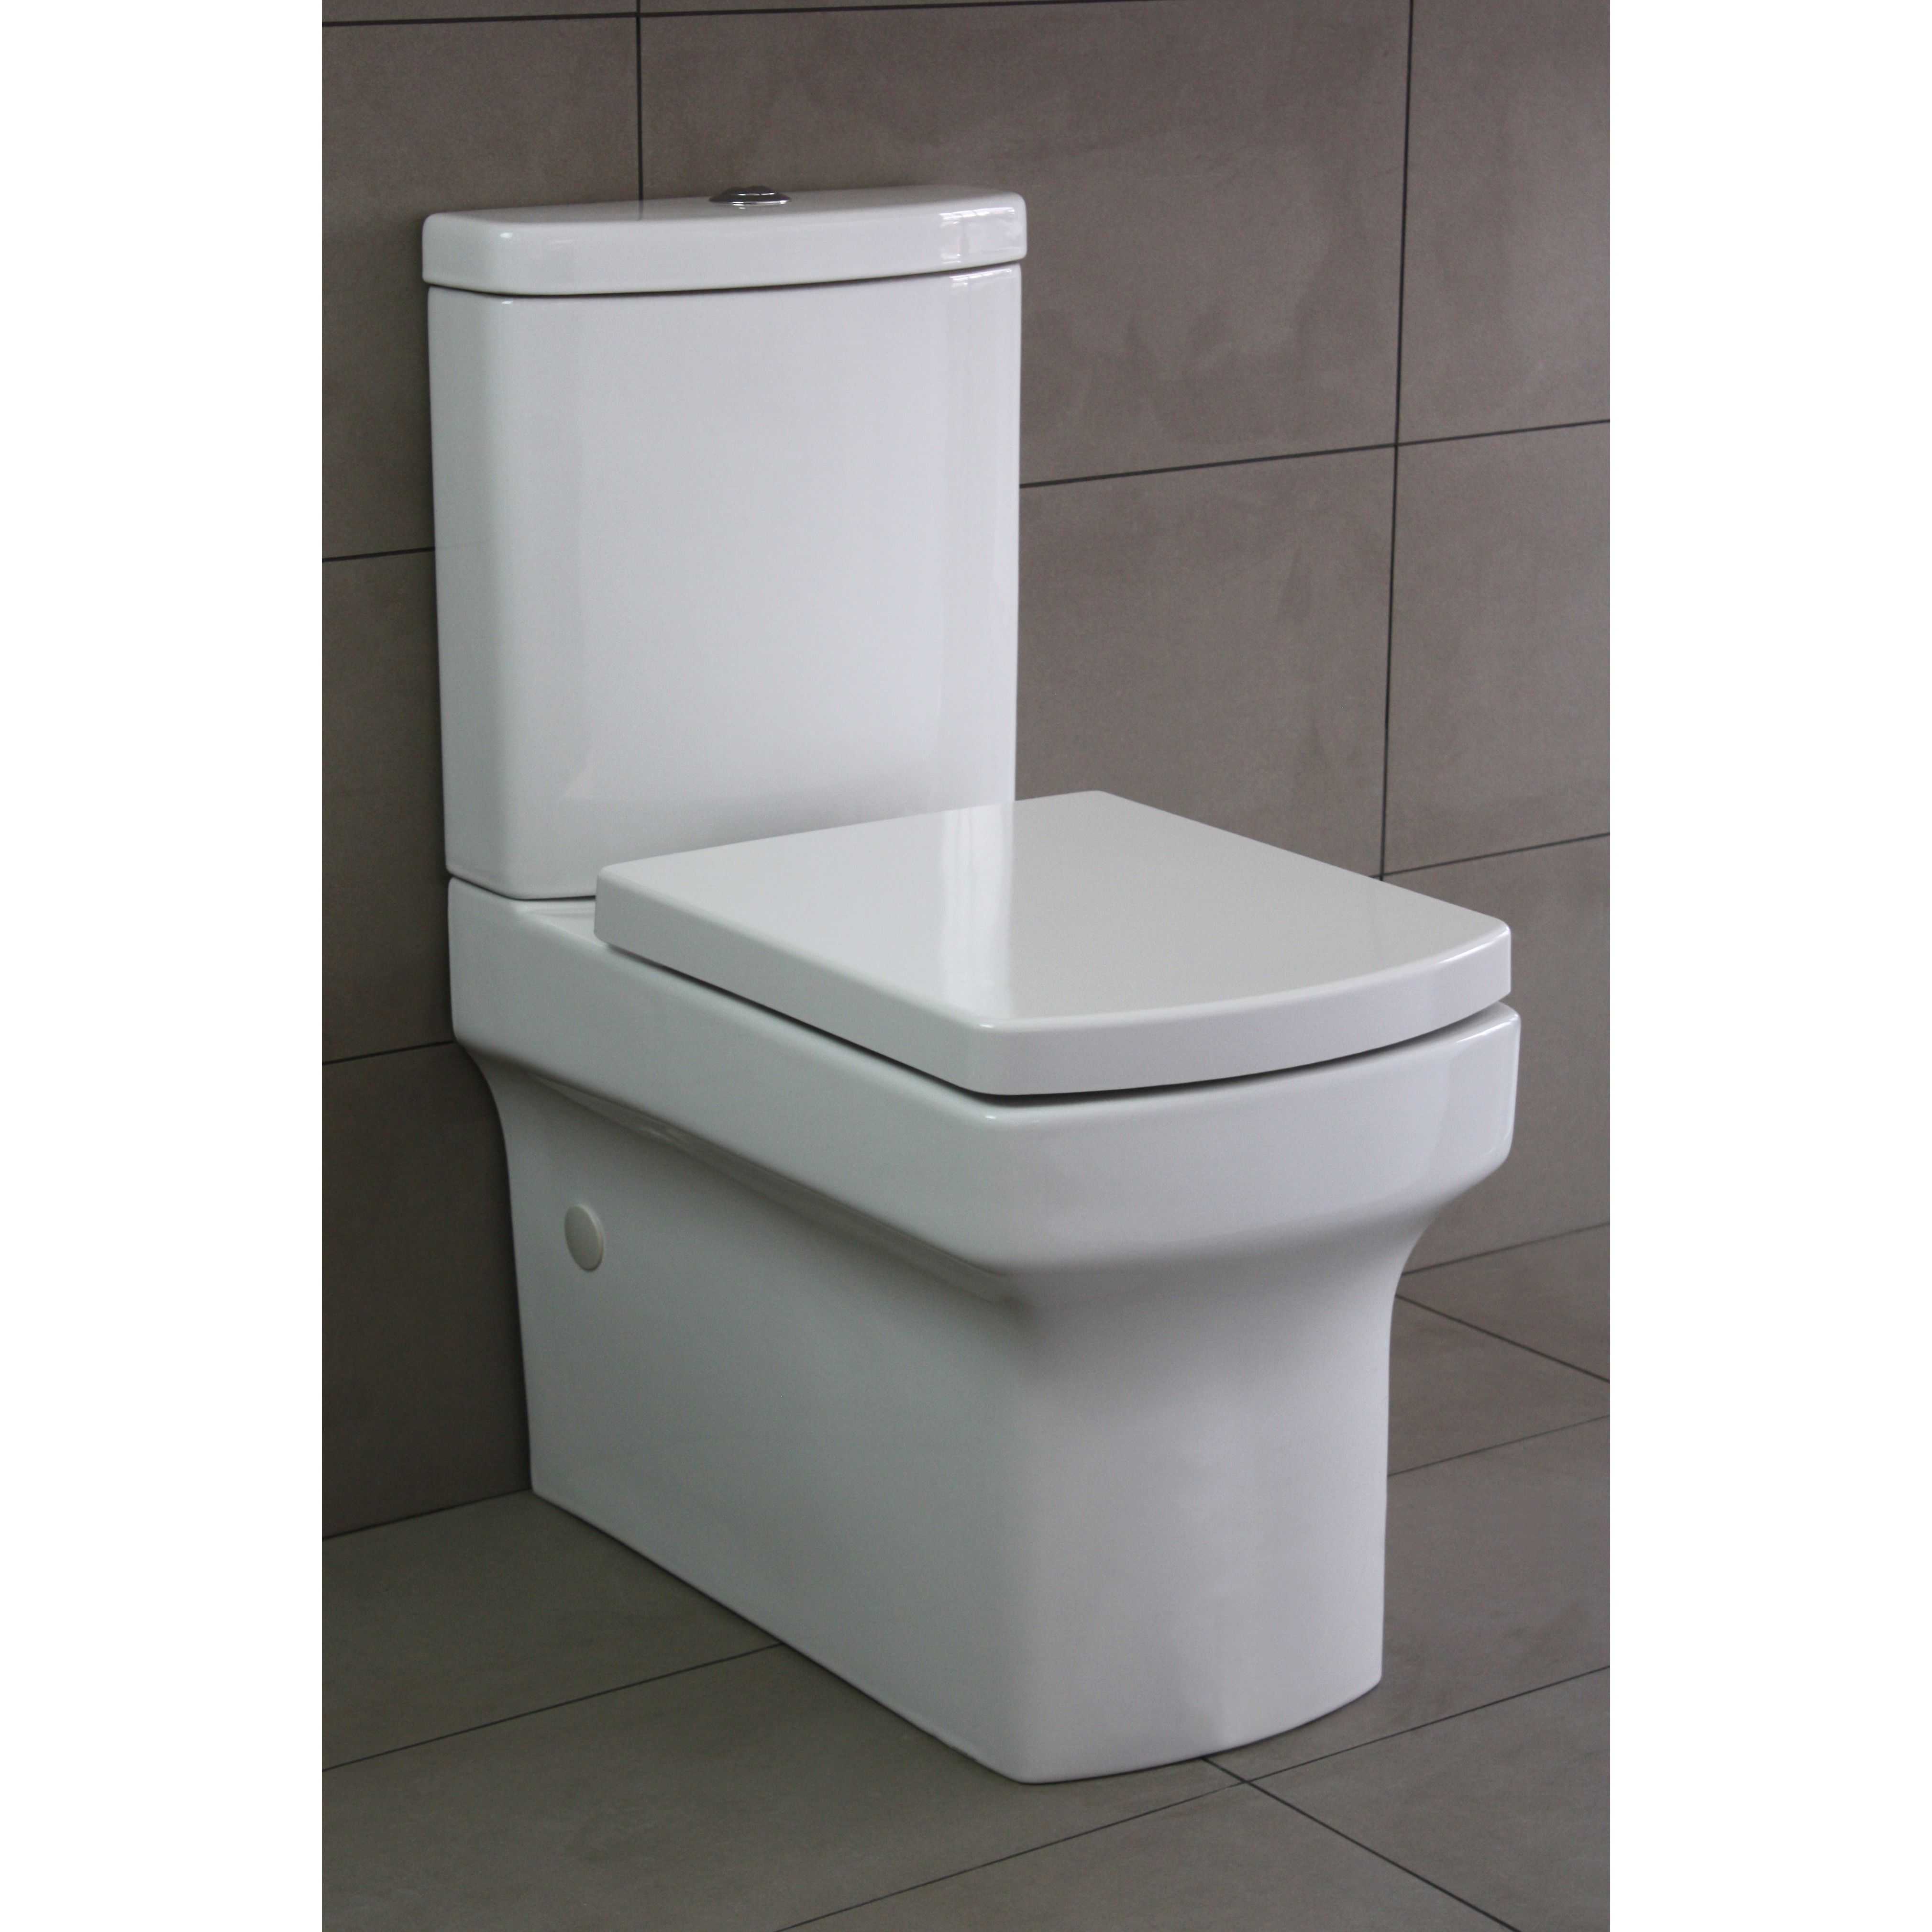 Avante Wall Faced Toilet Suite | Toilet suites, Toilet ...